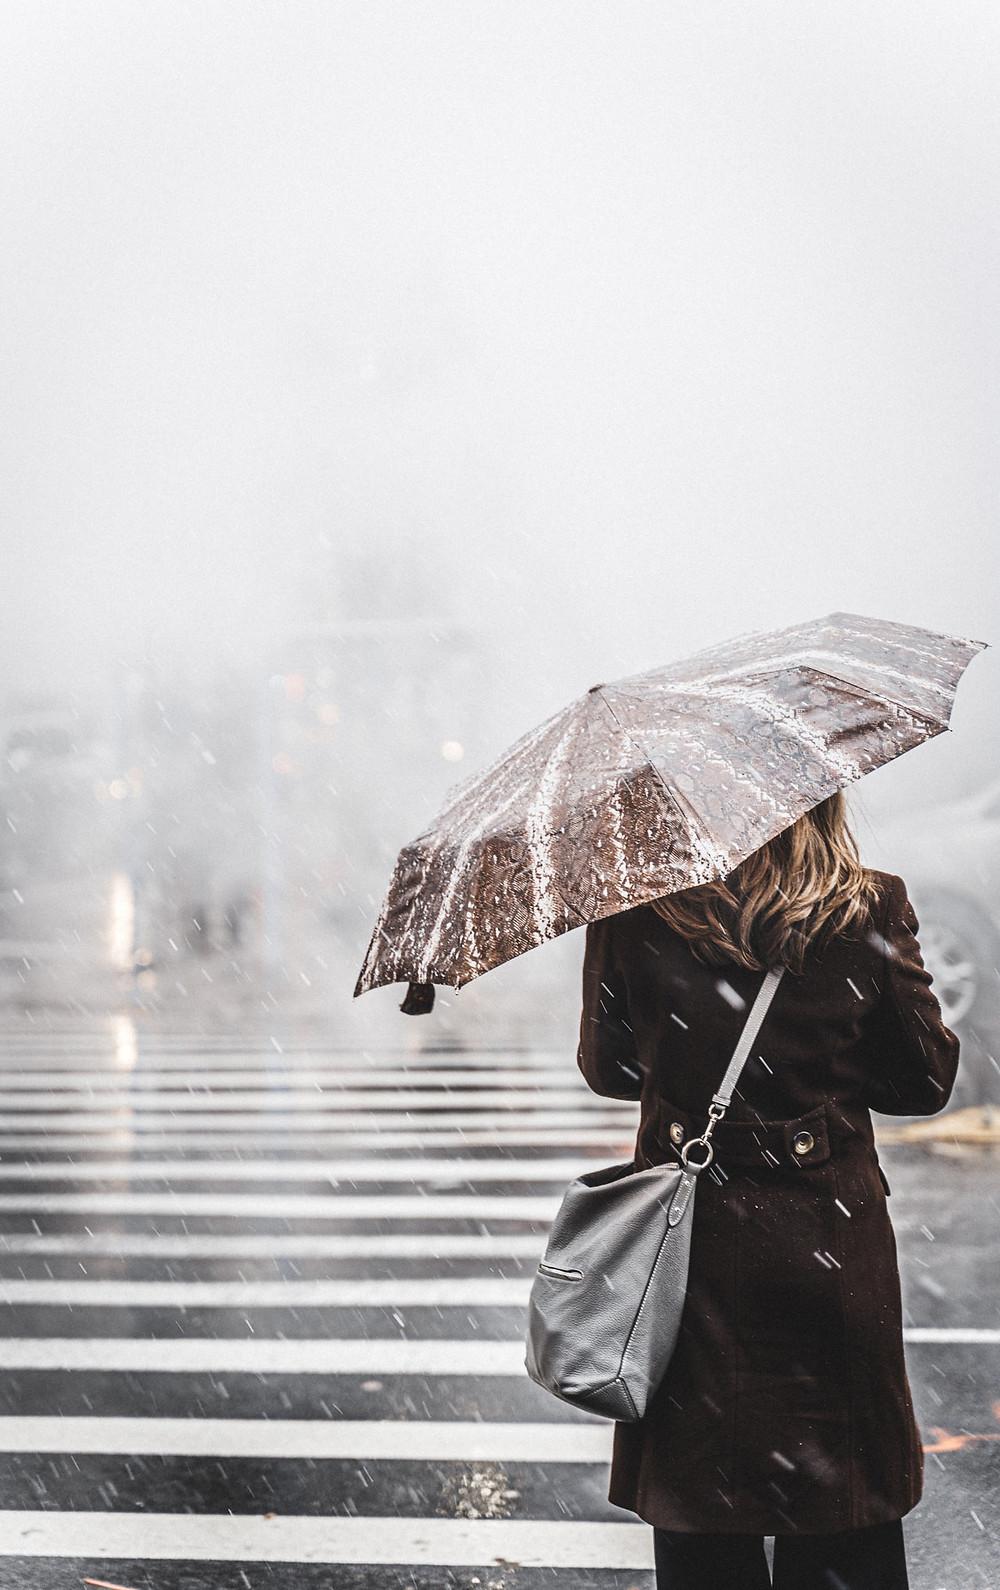 Nainen yksin vesisateessa ylittämässä suojatietä.